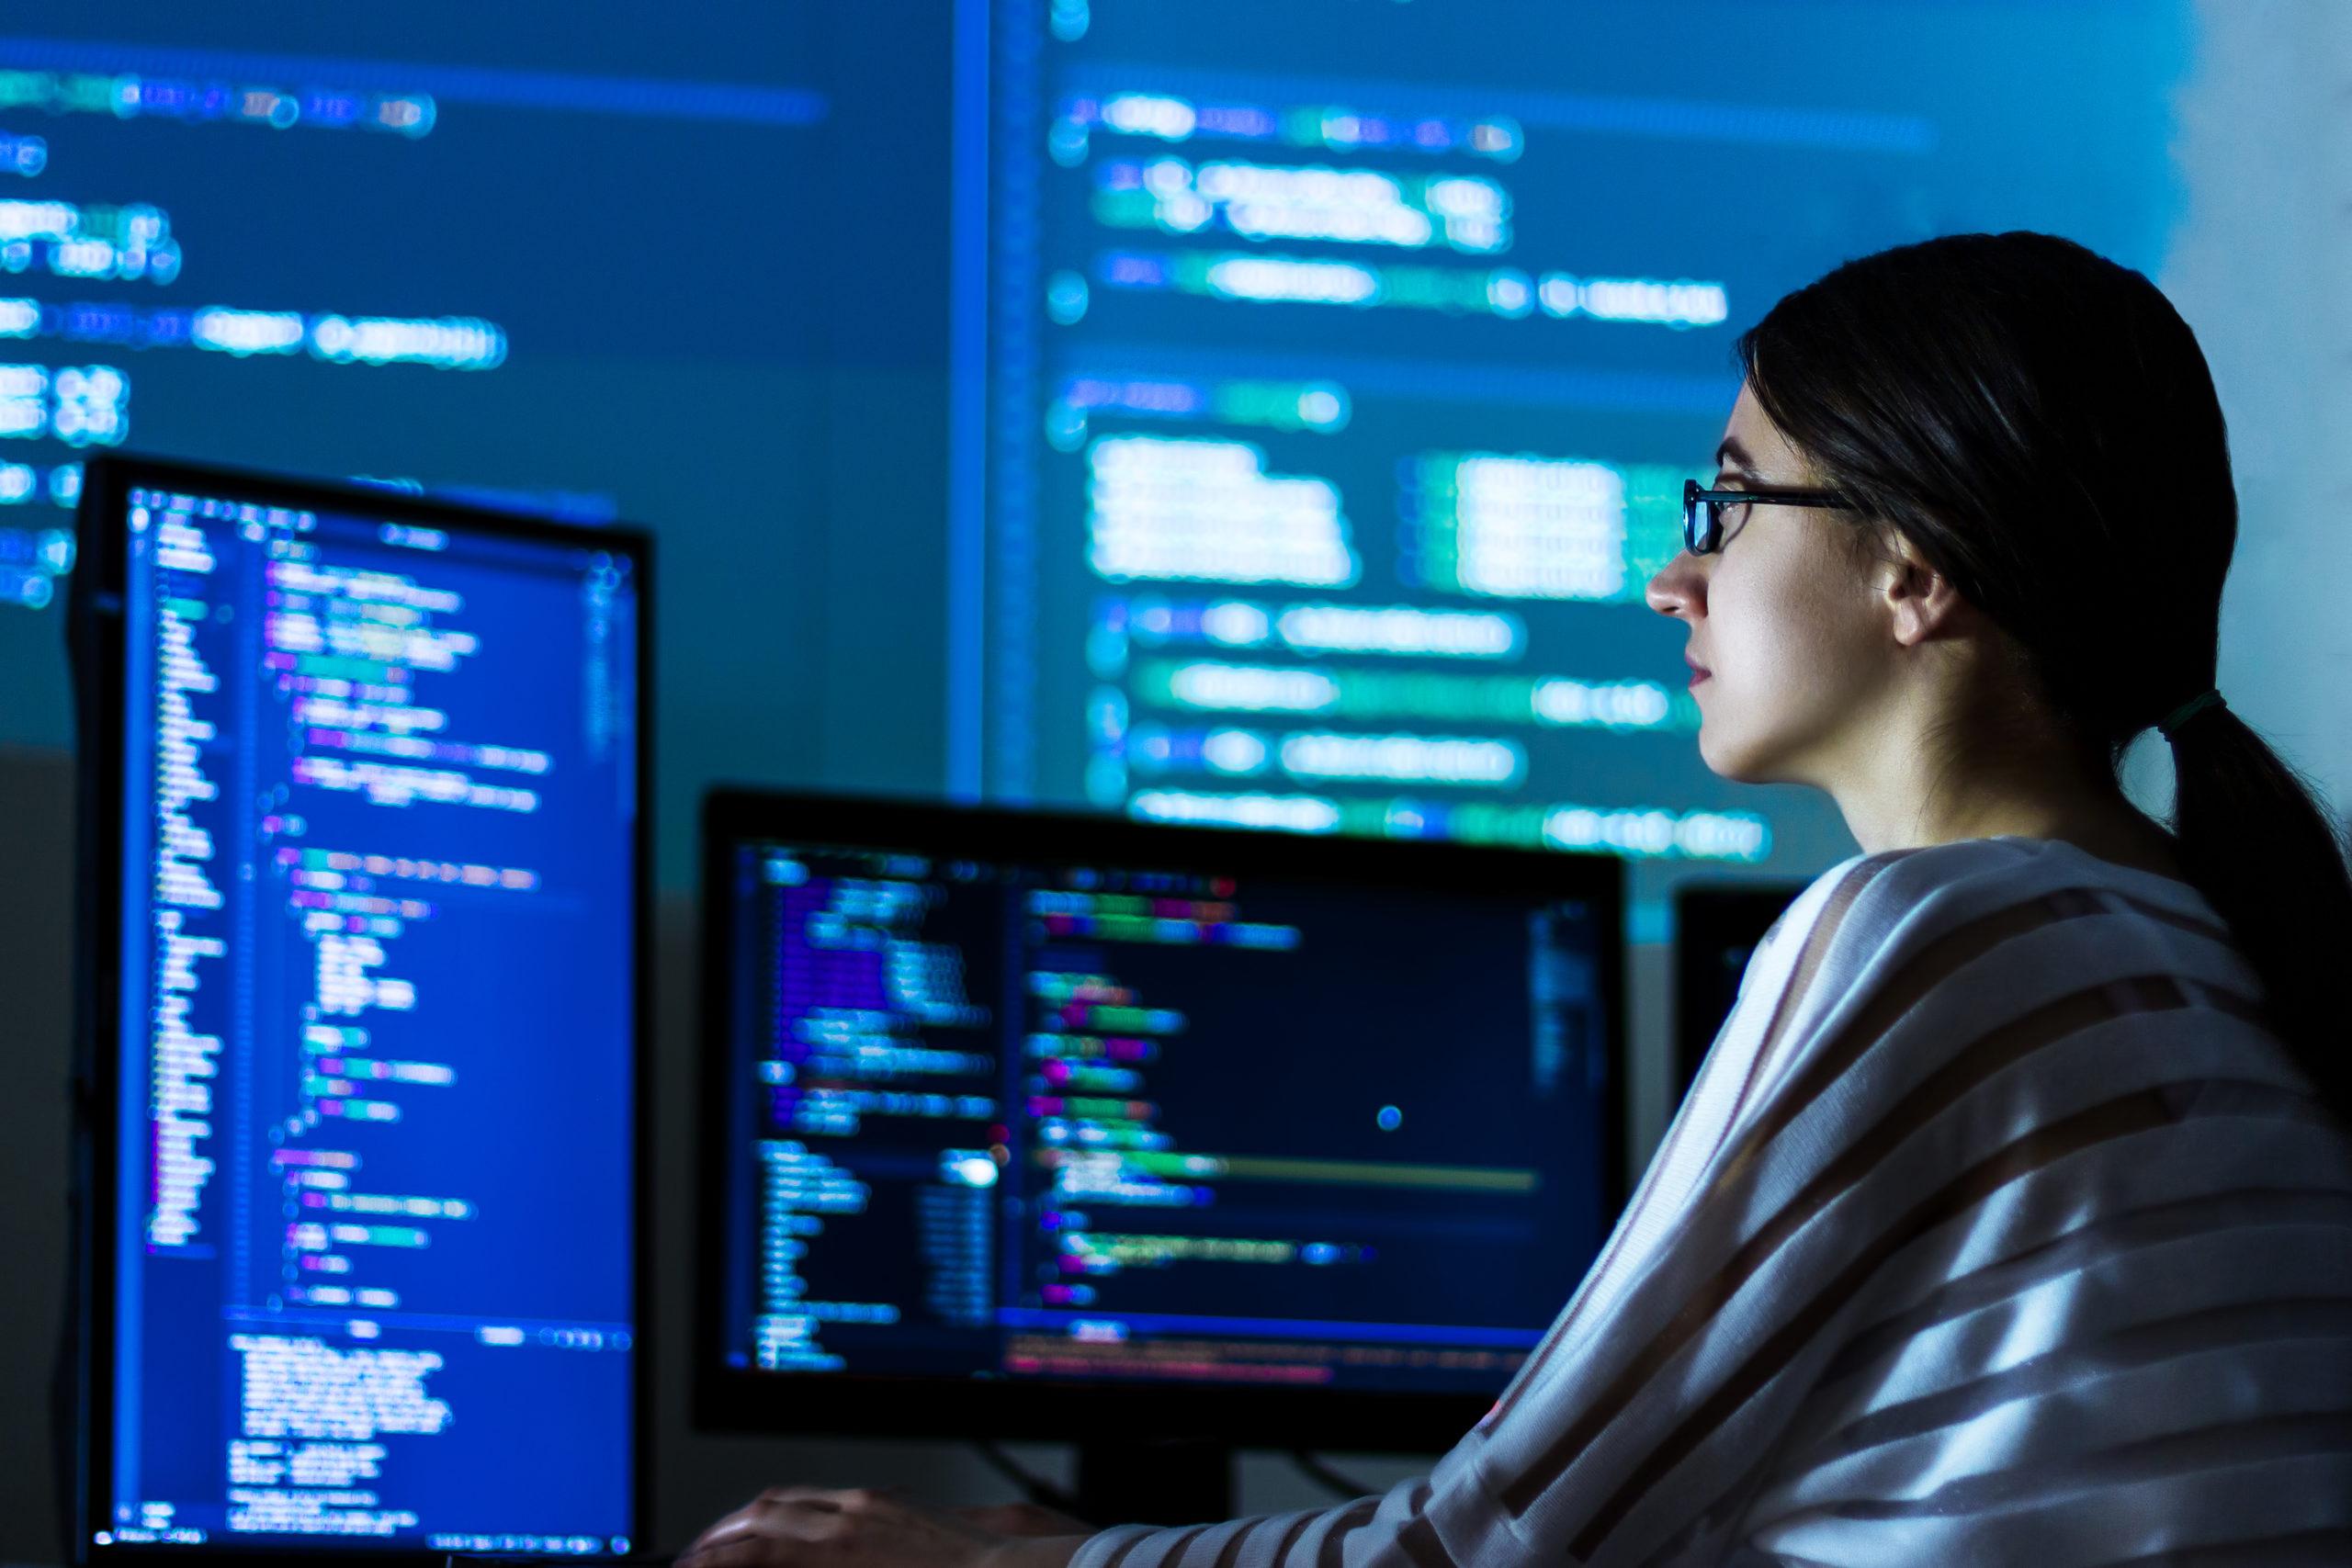 Khái niệm Software Engineer bạn cần biết